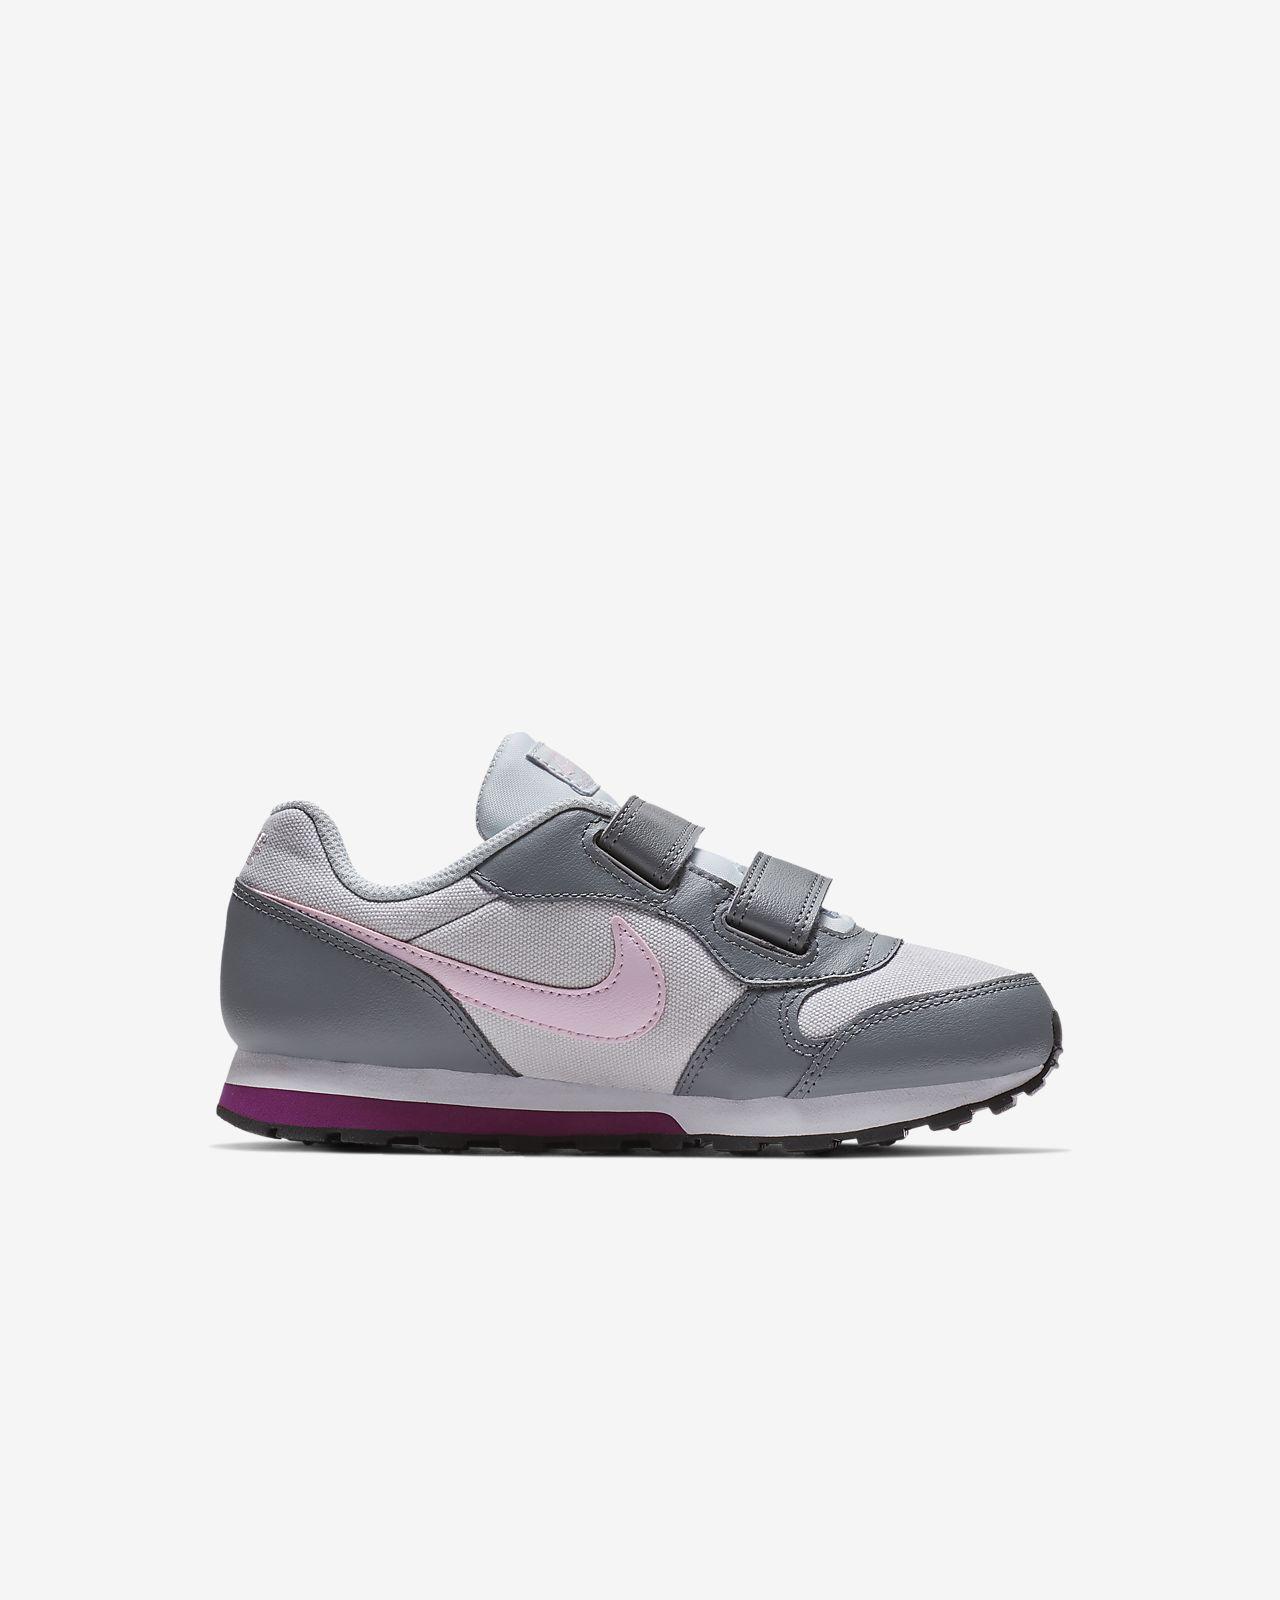 69d02c12bbb3 Nike MD Runner 2 Younger Kids  Shoe. Nike.com SA